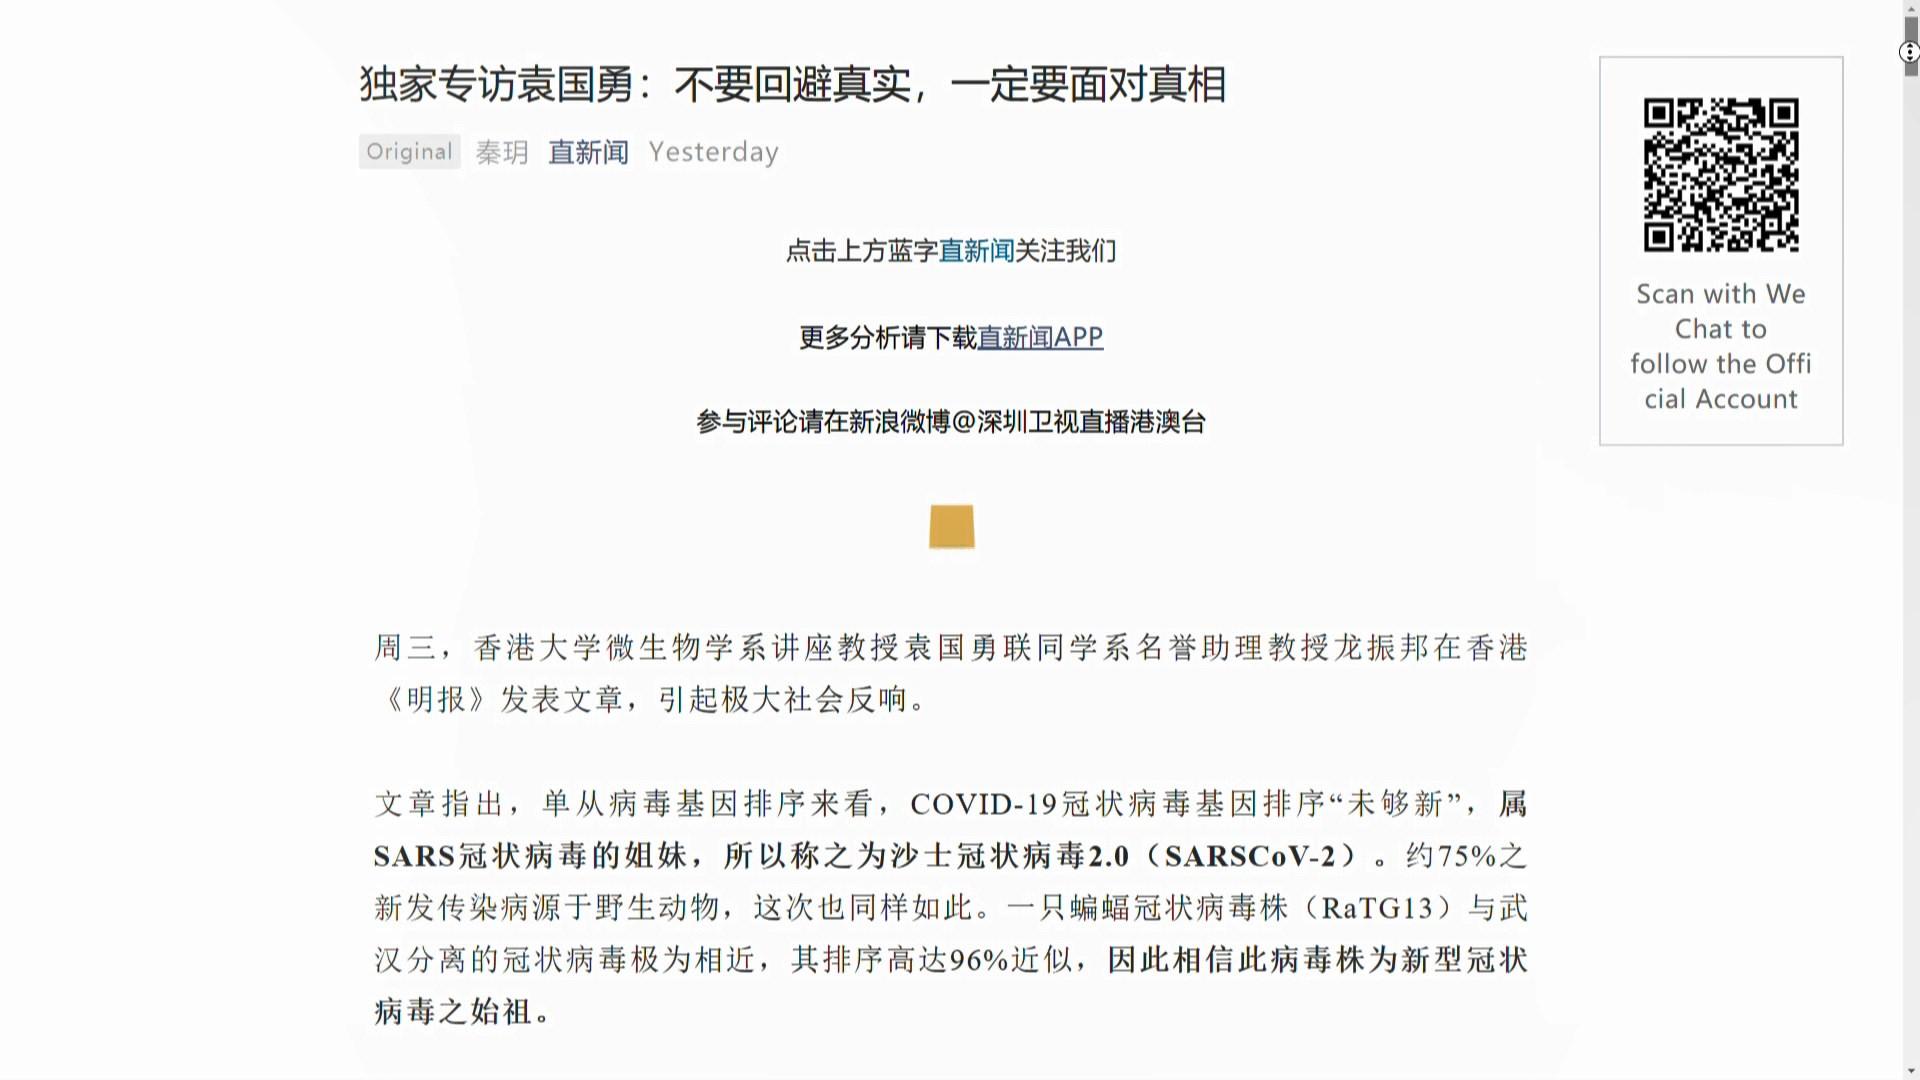 袁國勇:必須尊重專業不迴避真實 「或許無人比自己更愛國」